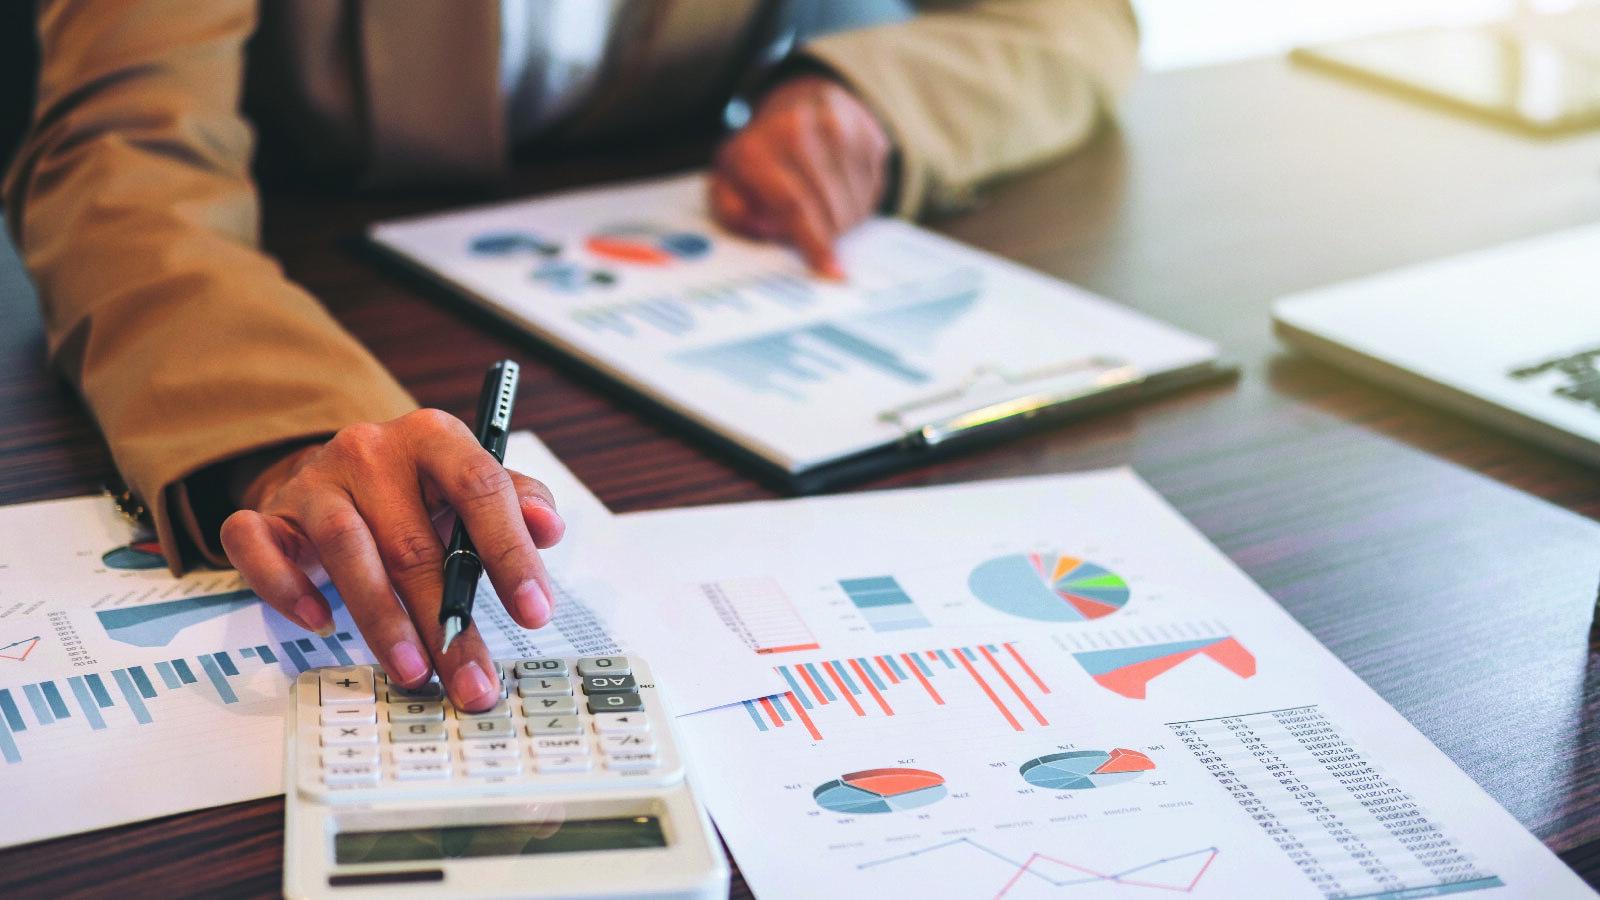 CTO, CEO, CIO, IT leaders, C-suite, IT budgets